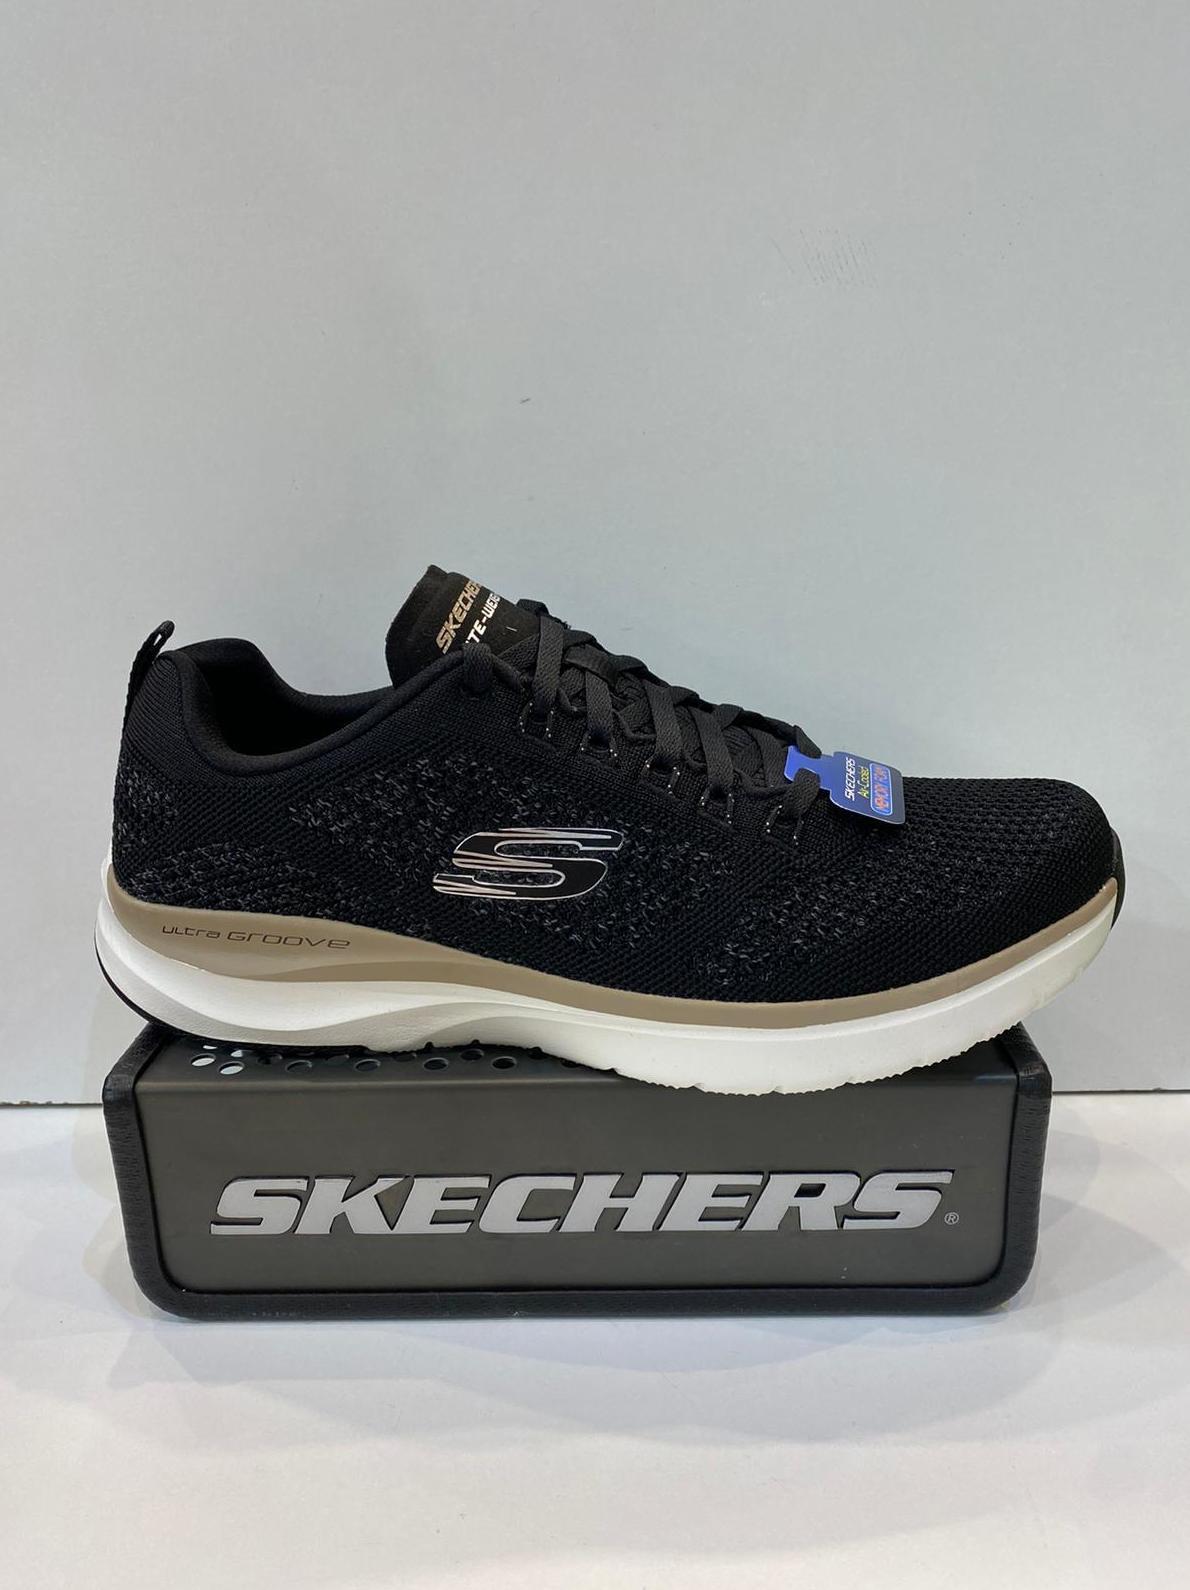 Sabata esportiva d'home, de la marca Skechers, plantilla Memory Foam Air-Colled, sola de resalite 74,95€